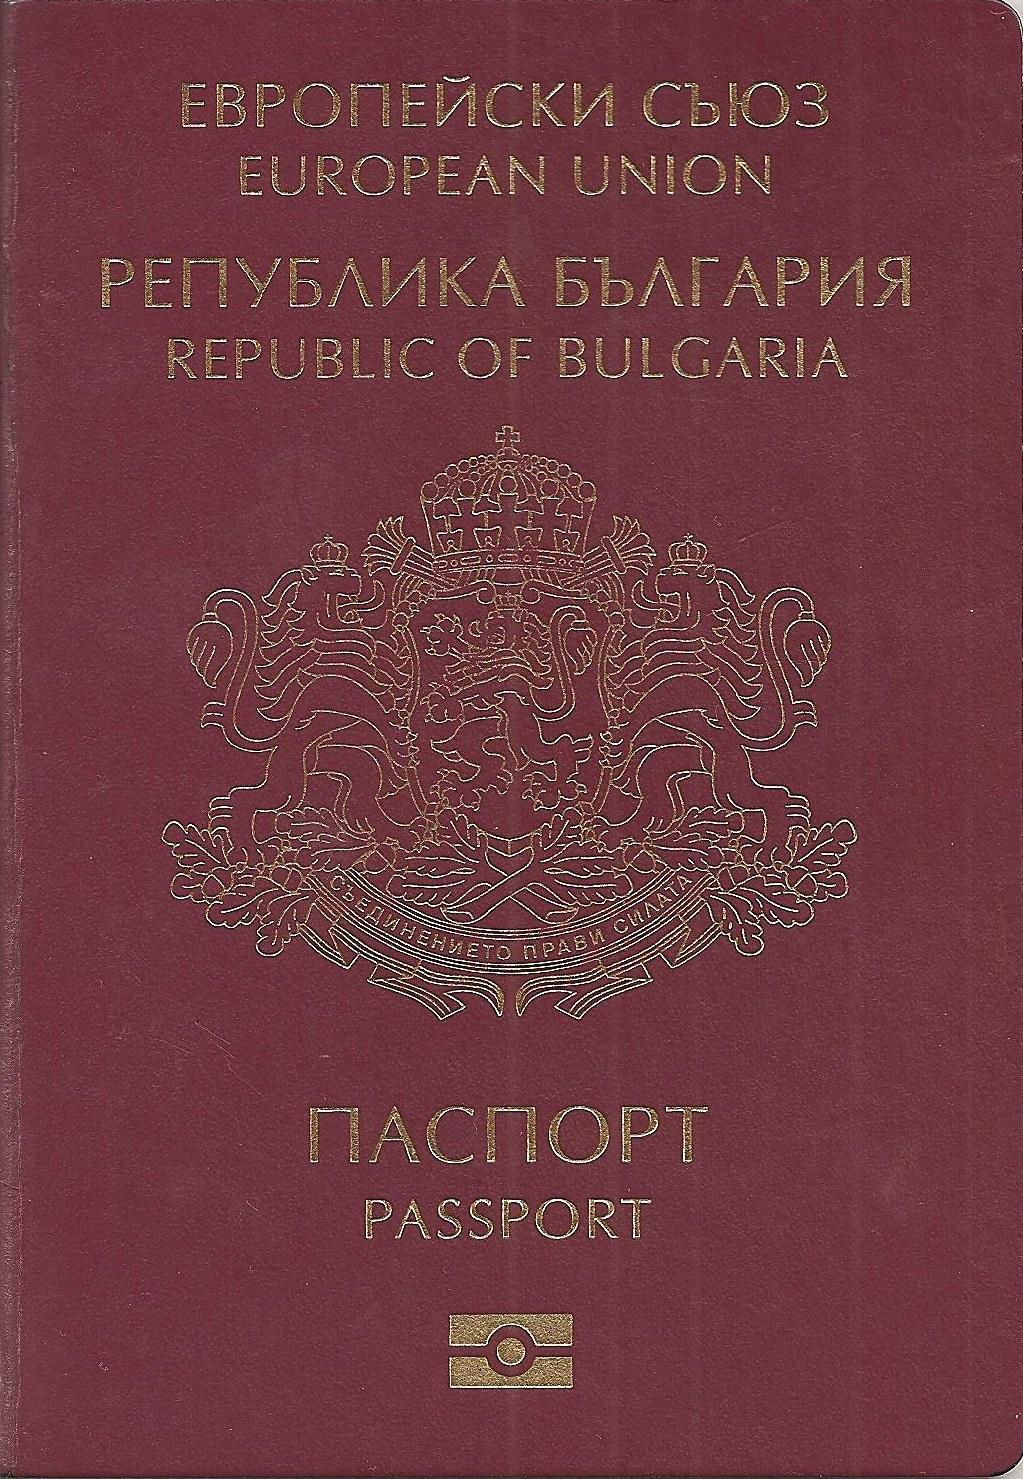 بالصور صور جواز سفر , صور مجموعة جوازات السفر جميع الدول 2954 13